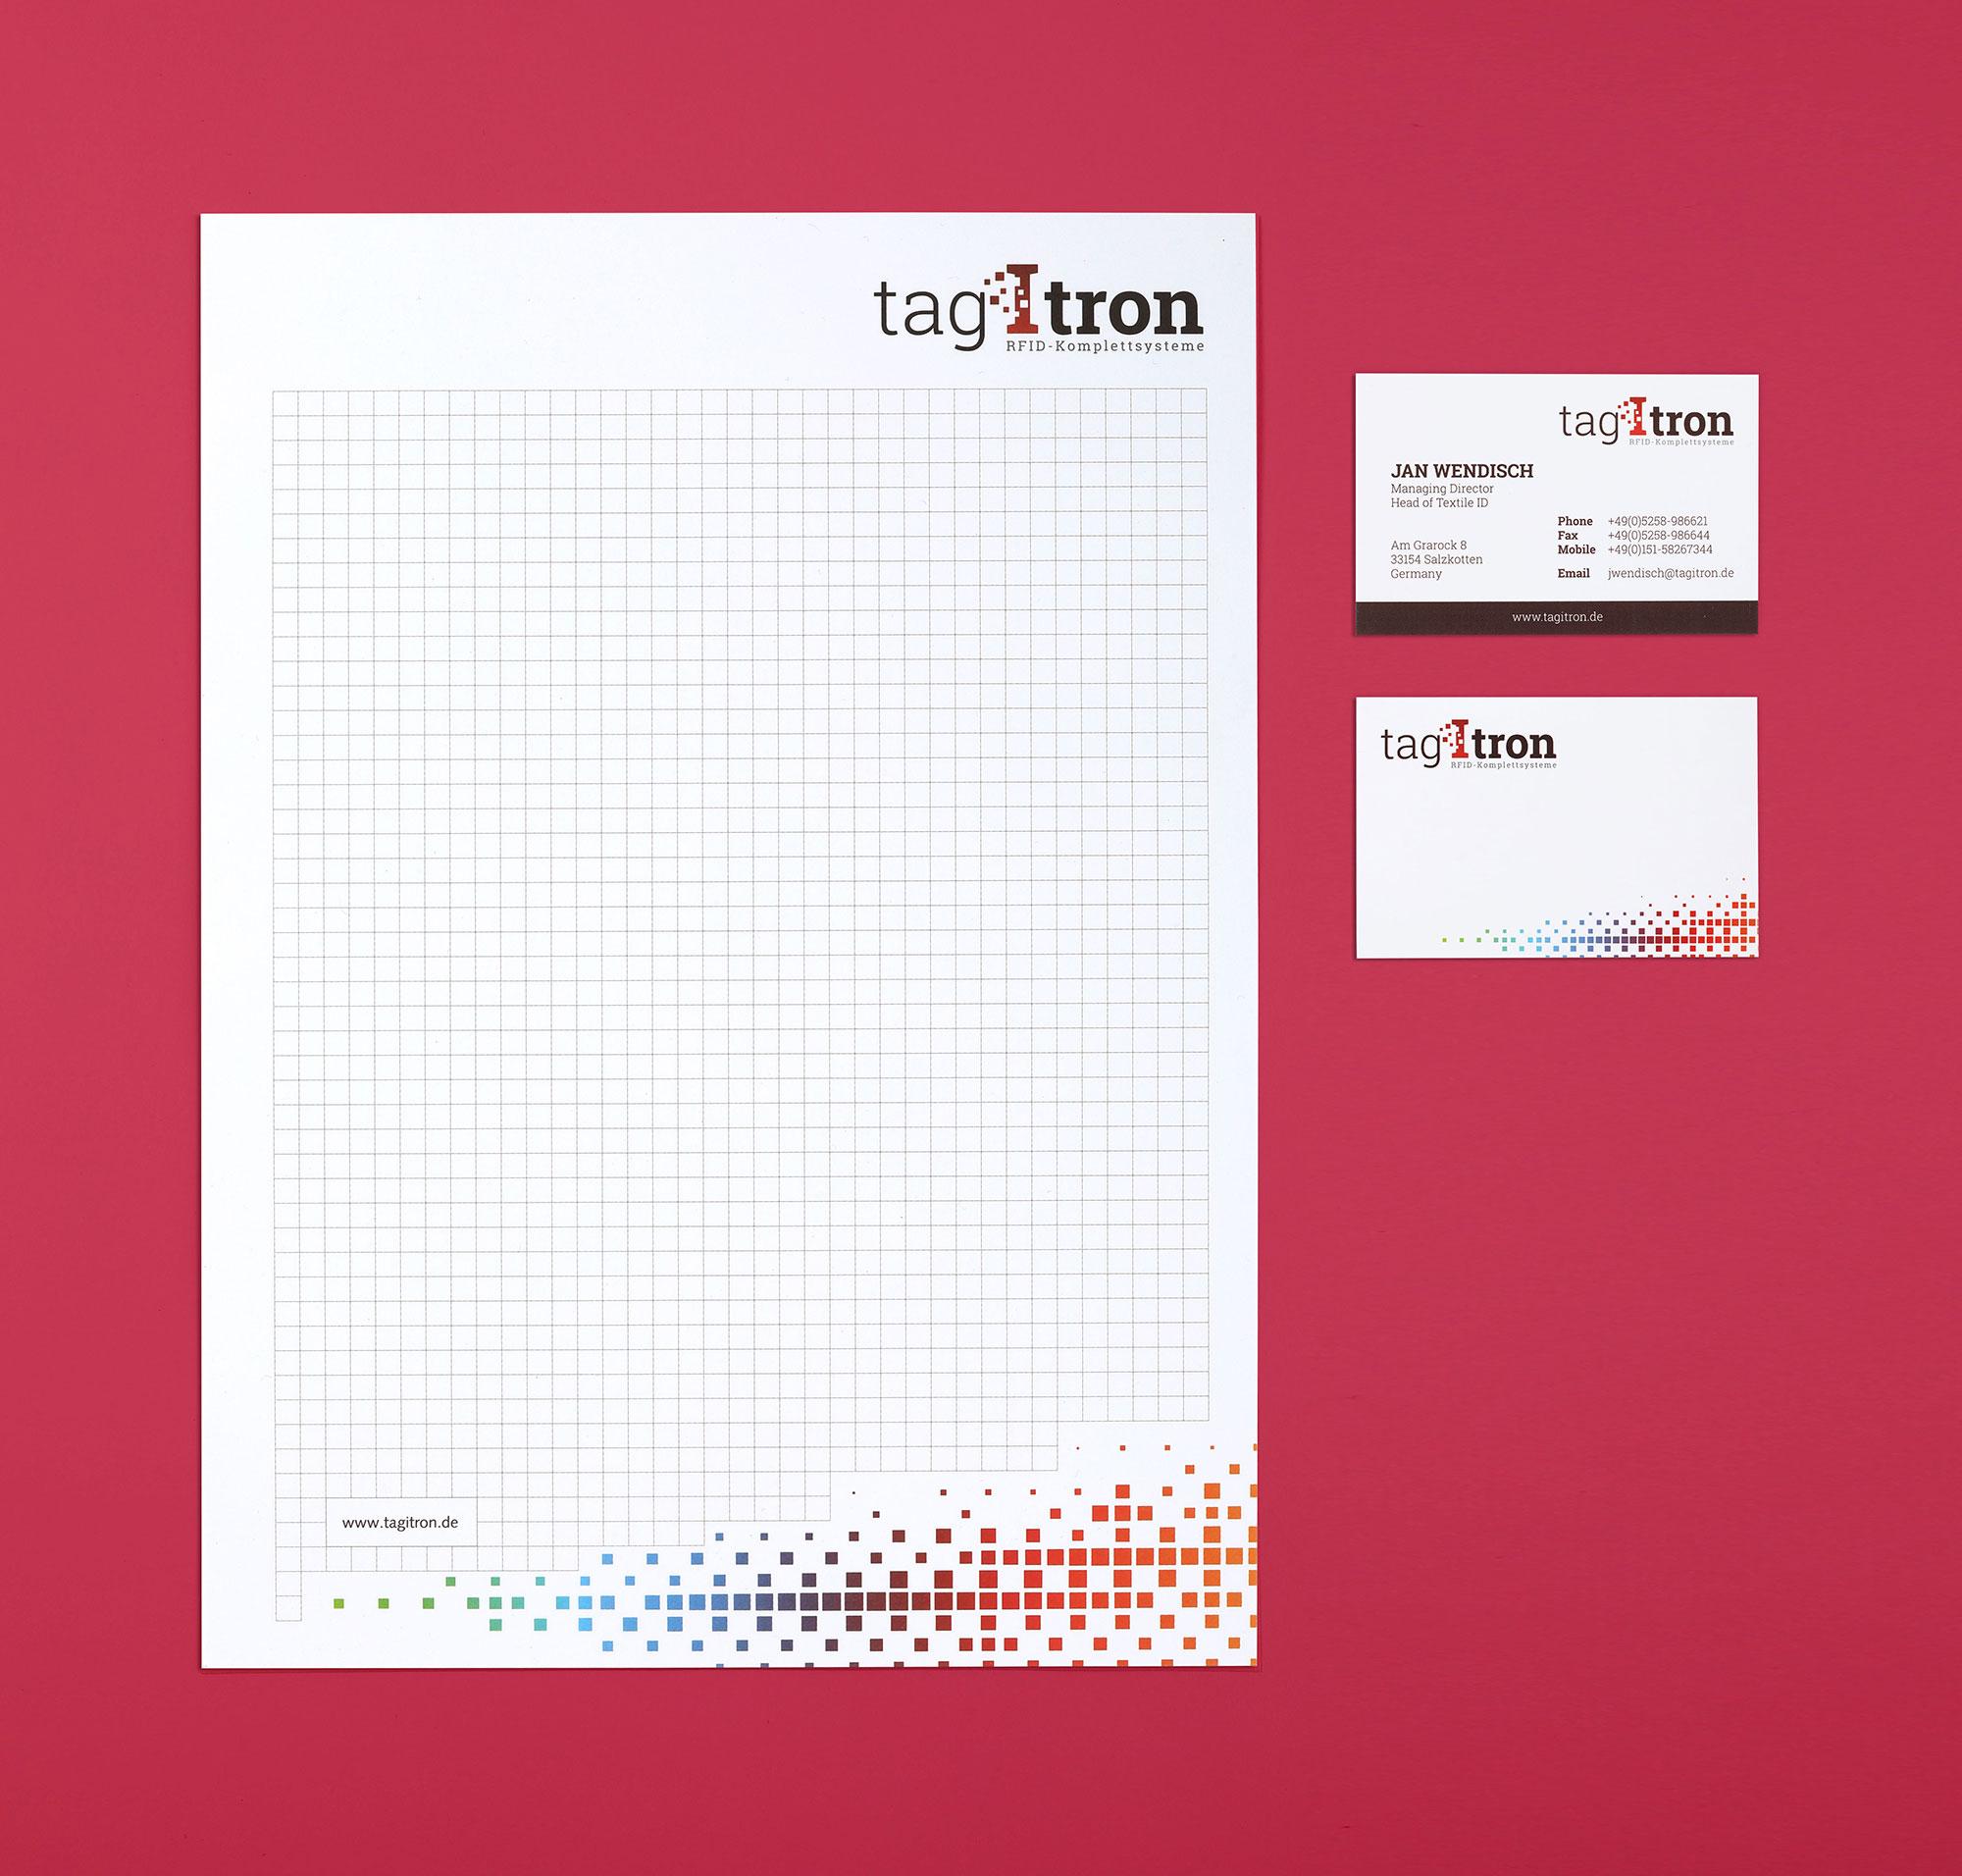 Hüppmeier Marketing und Design GmbH - Referenz - tagitron - Block - Visitenkarte